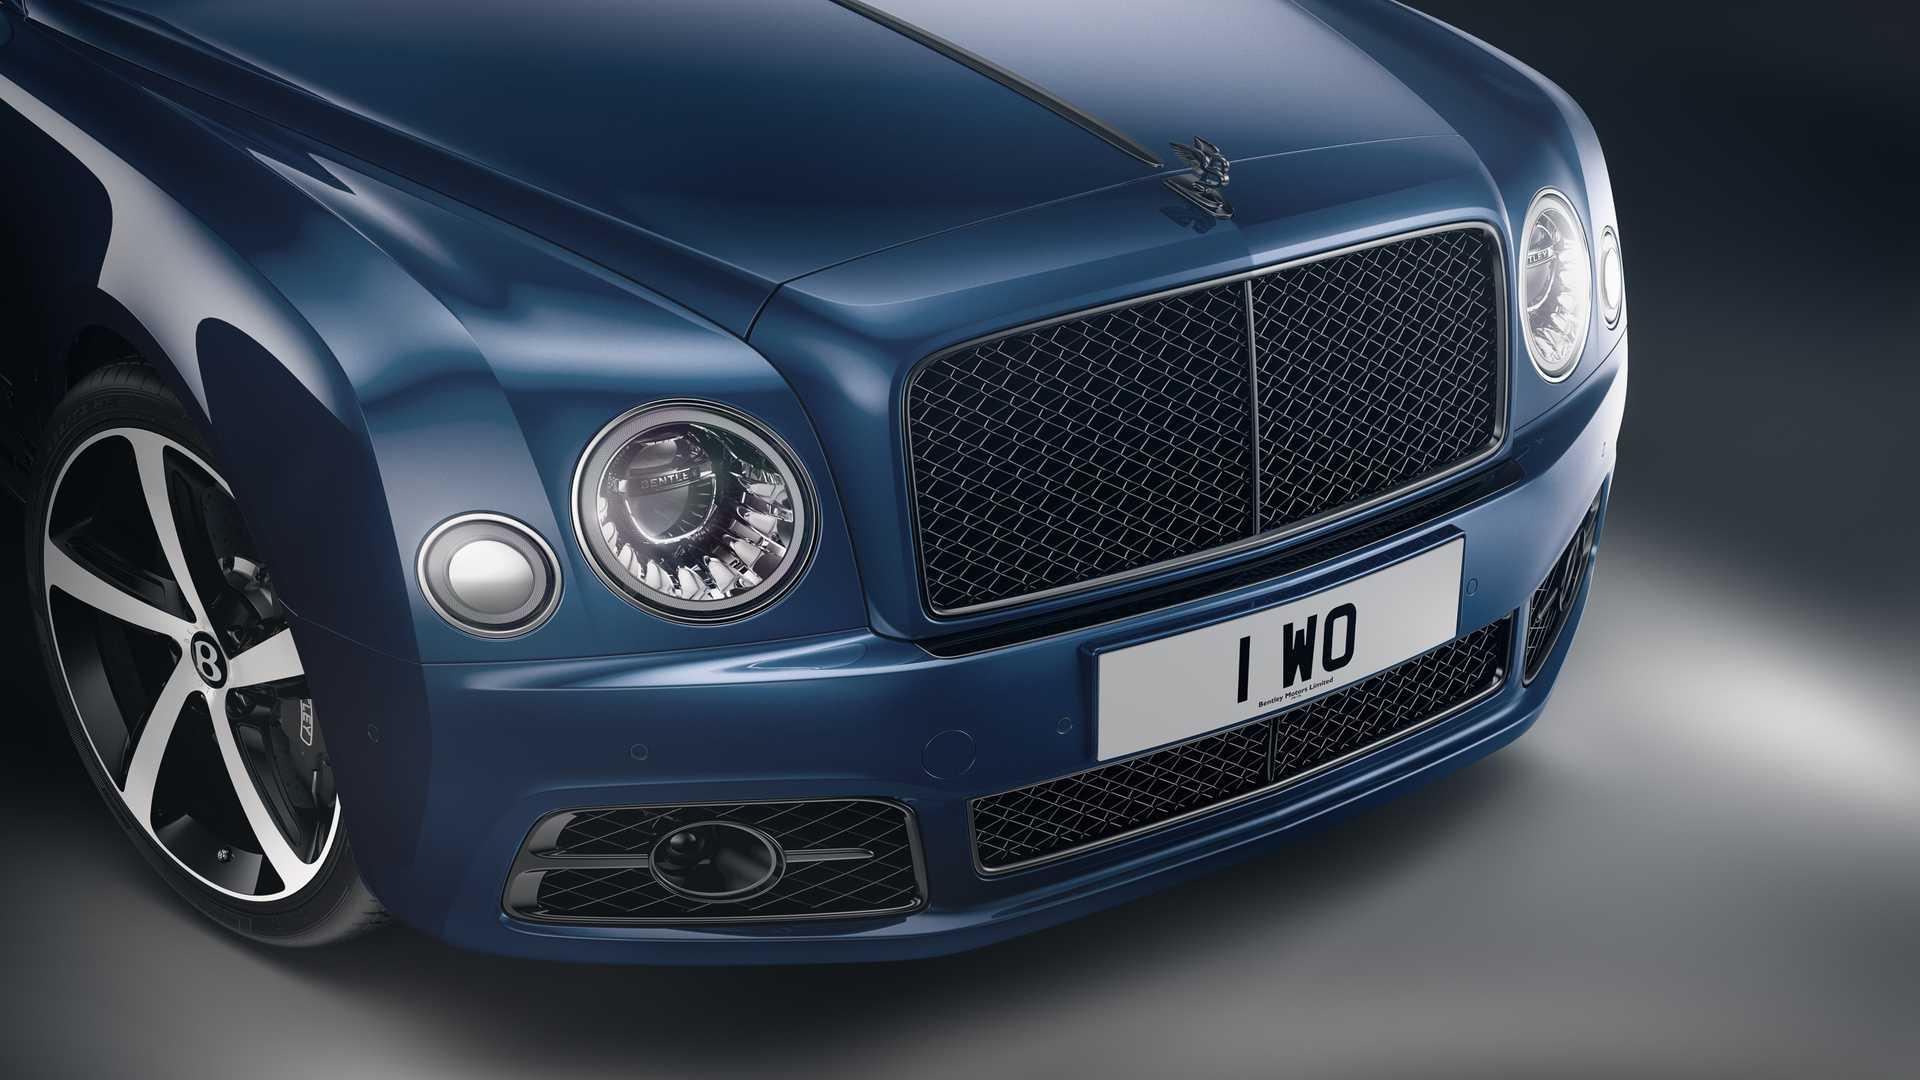 Bentley Mulsanne 6.75 Edition, mạnh 530 mã lực, phiên bản giới hạn 50 chiếc - 3